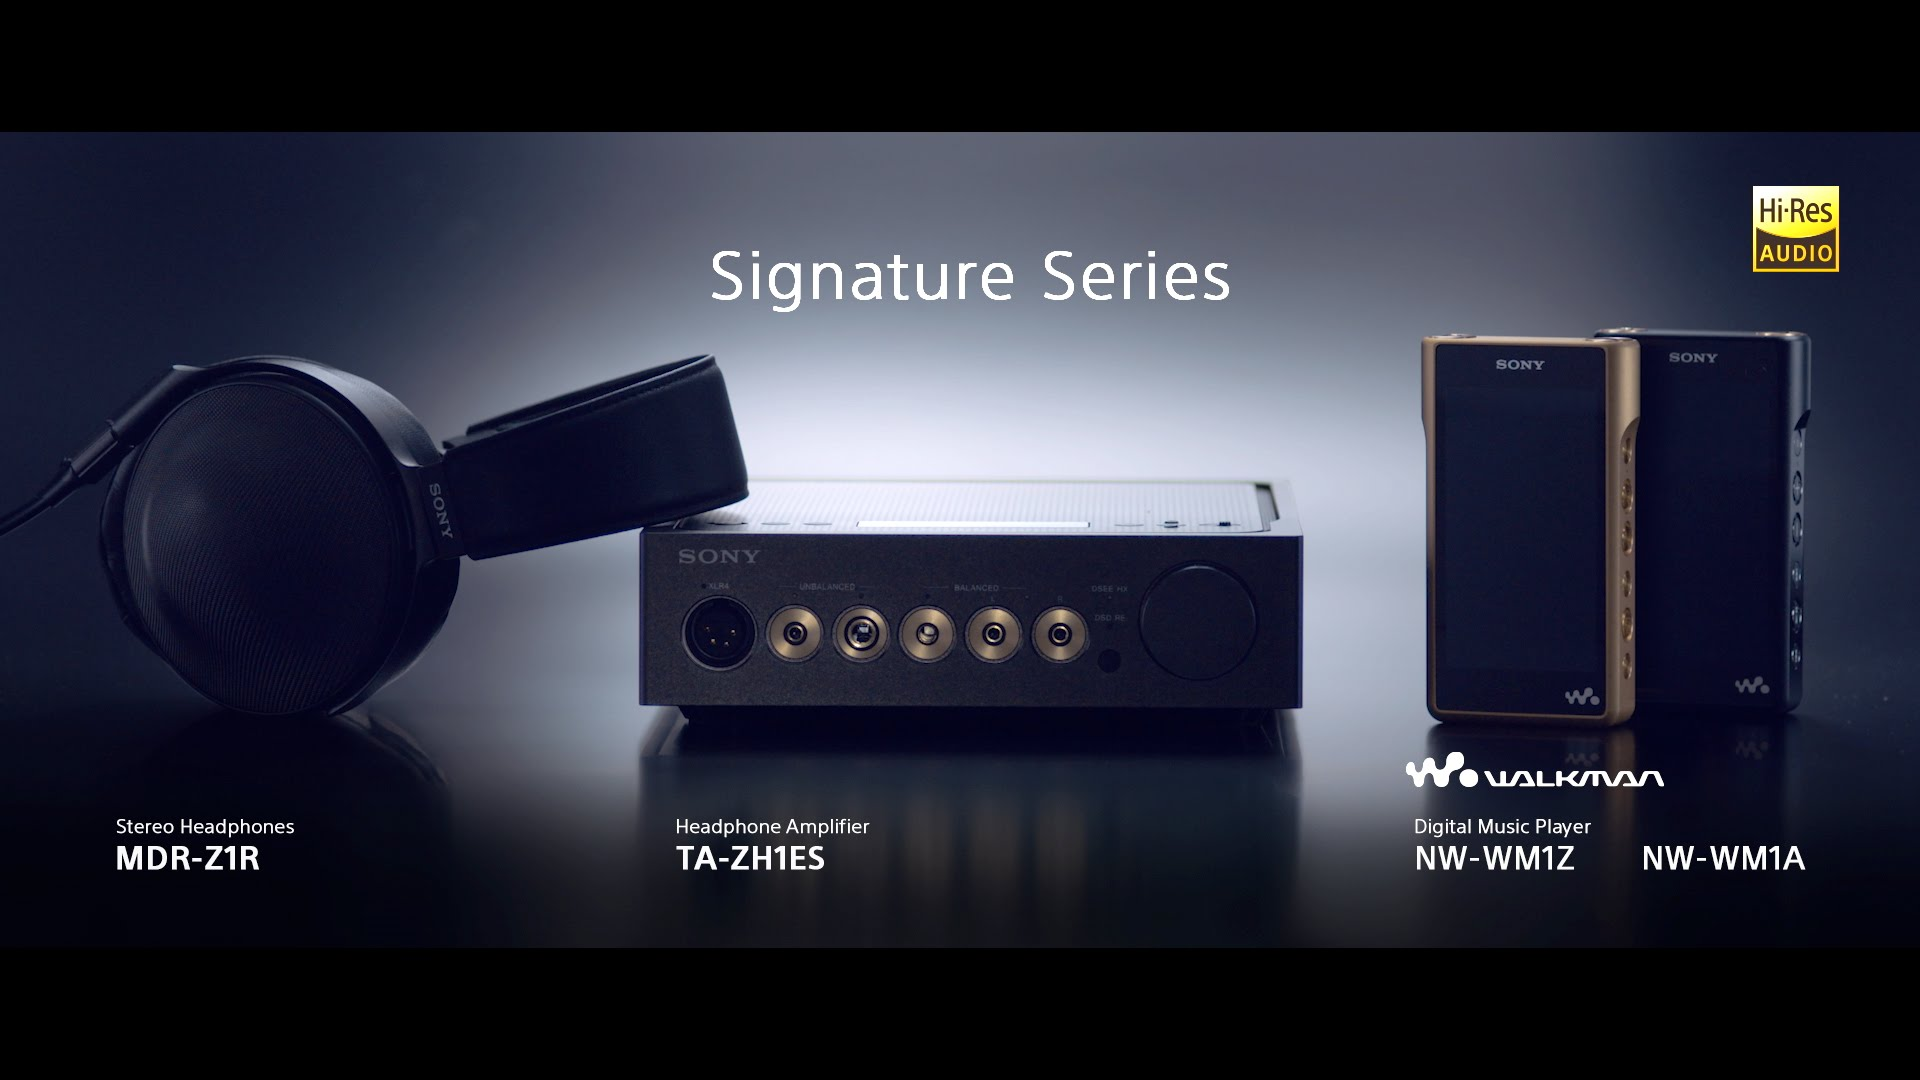 monospace-Sony-sound-signature-MDR-Z1R-TA-ZH1ES-NW-WM1Z-NW-WM1A-1.jpg